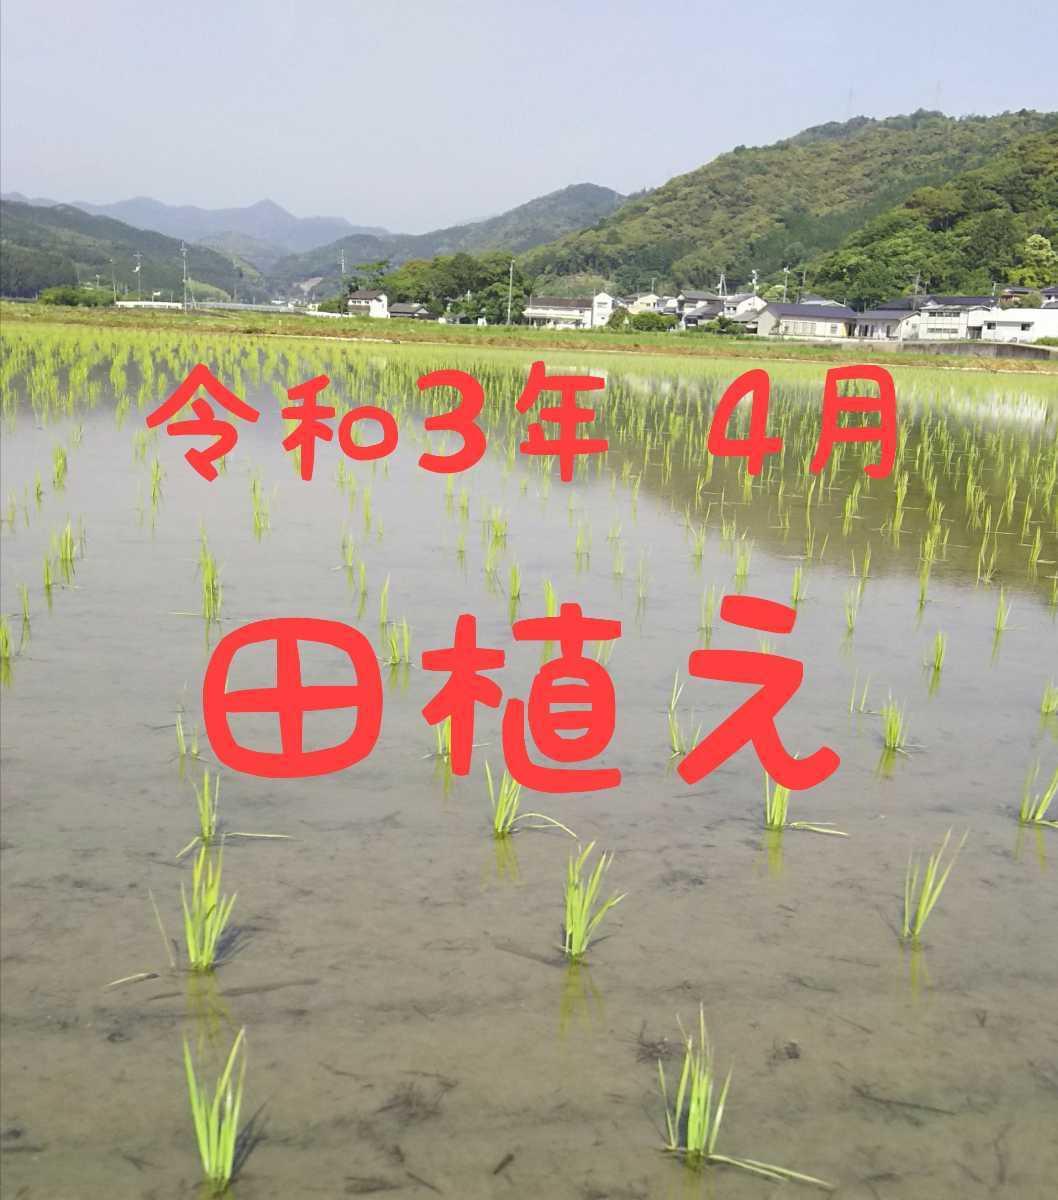 送料込み 令和3年産 高知県産 新米 コシヒカリ 米ぬか 10㎏(袋込み)_画像2